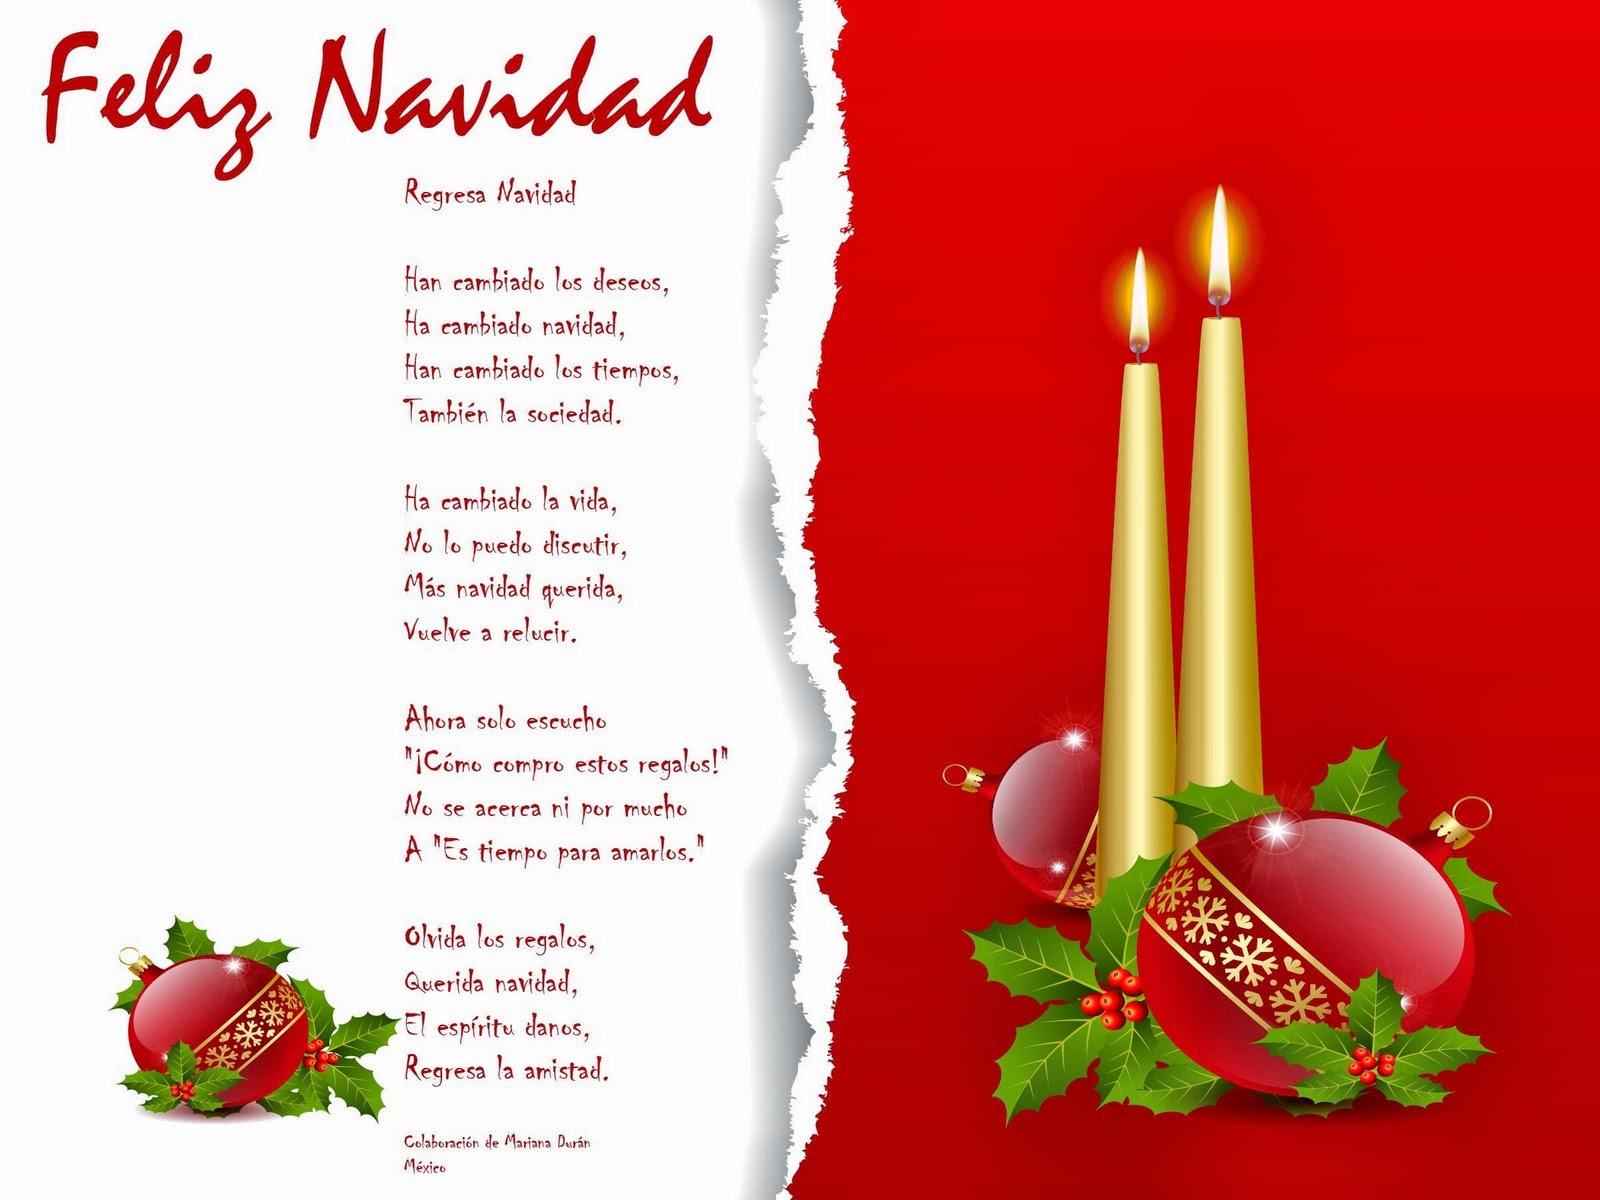 Tarjetas postales e imagenes de navidad para descargar e - Tarjetas navidenas cristianas ...